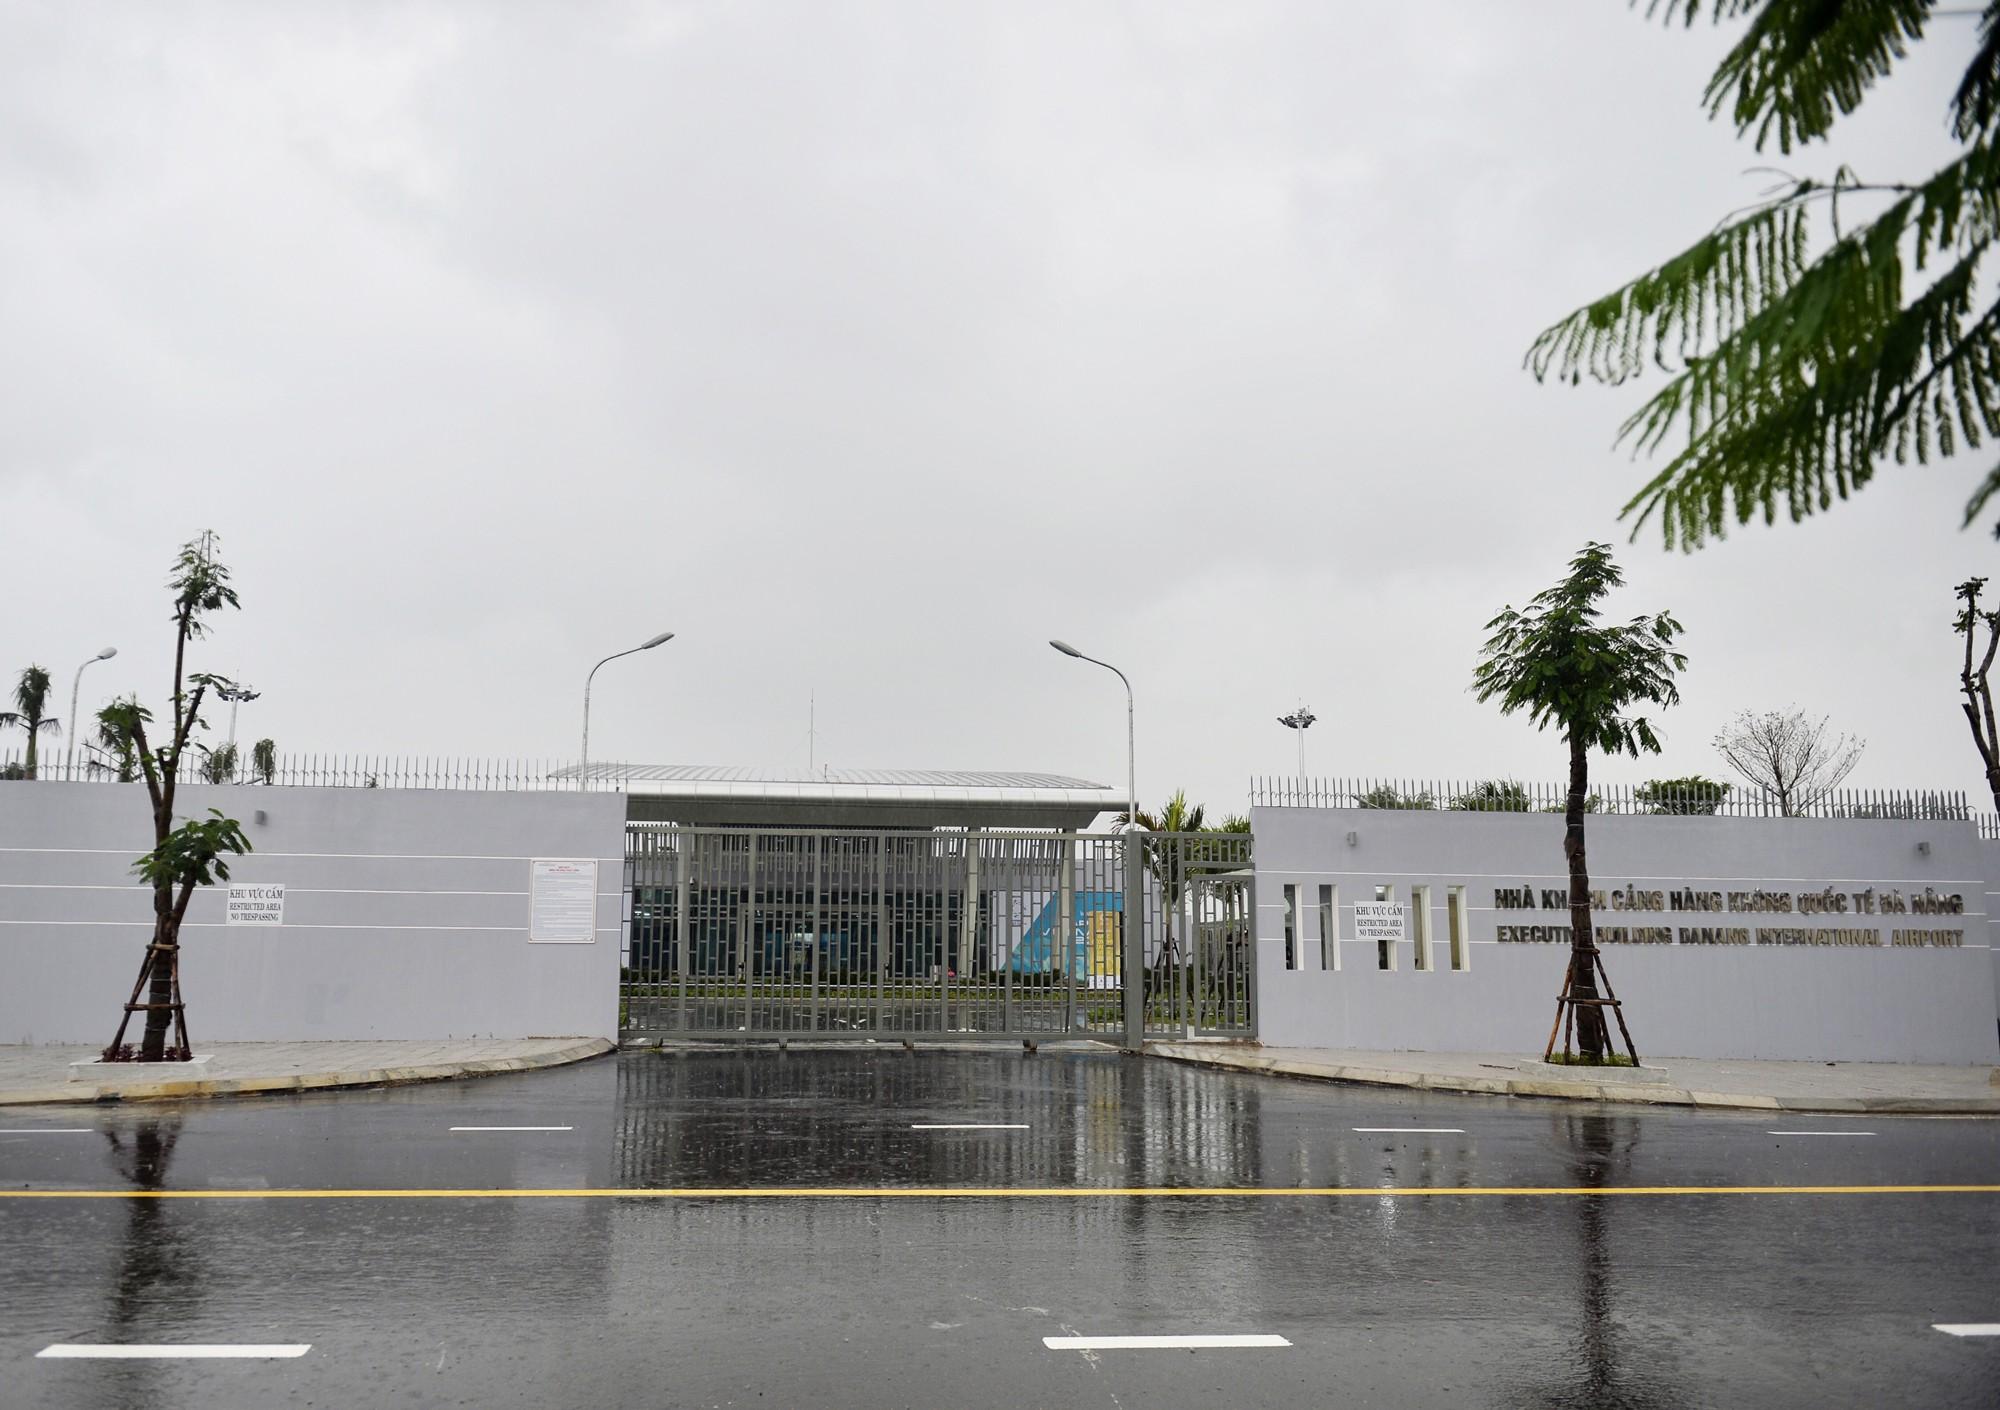 [PHOTO ESSAY] Toàn cảnh Đà Nẵng chạy đua với bão chuẩn bị cho khai mạc APEC - Ảnh 26.